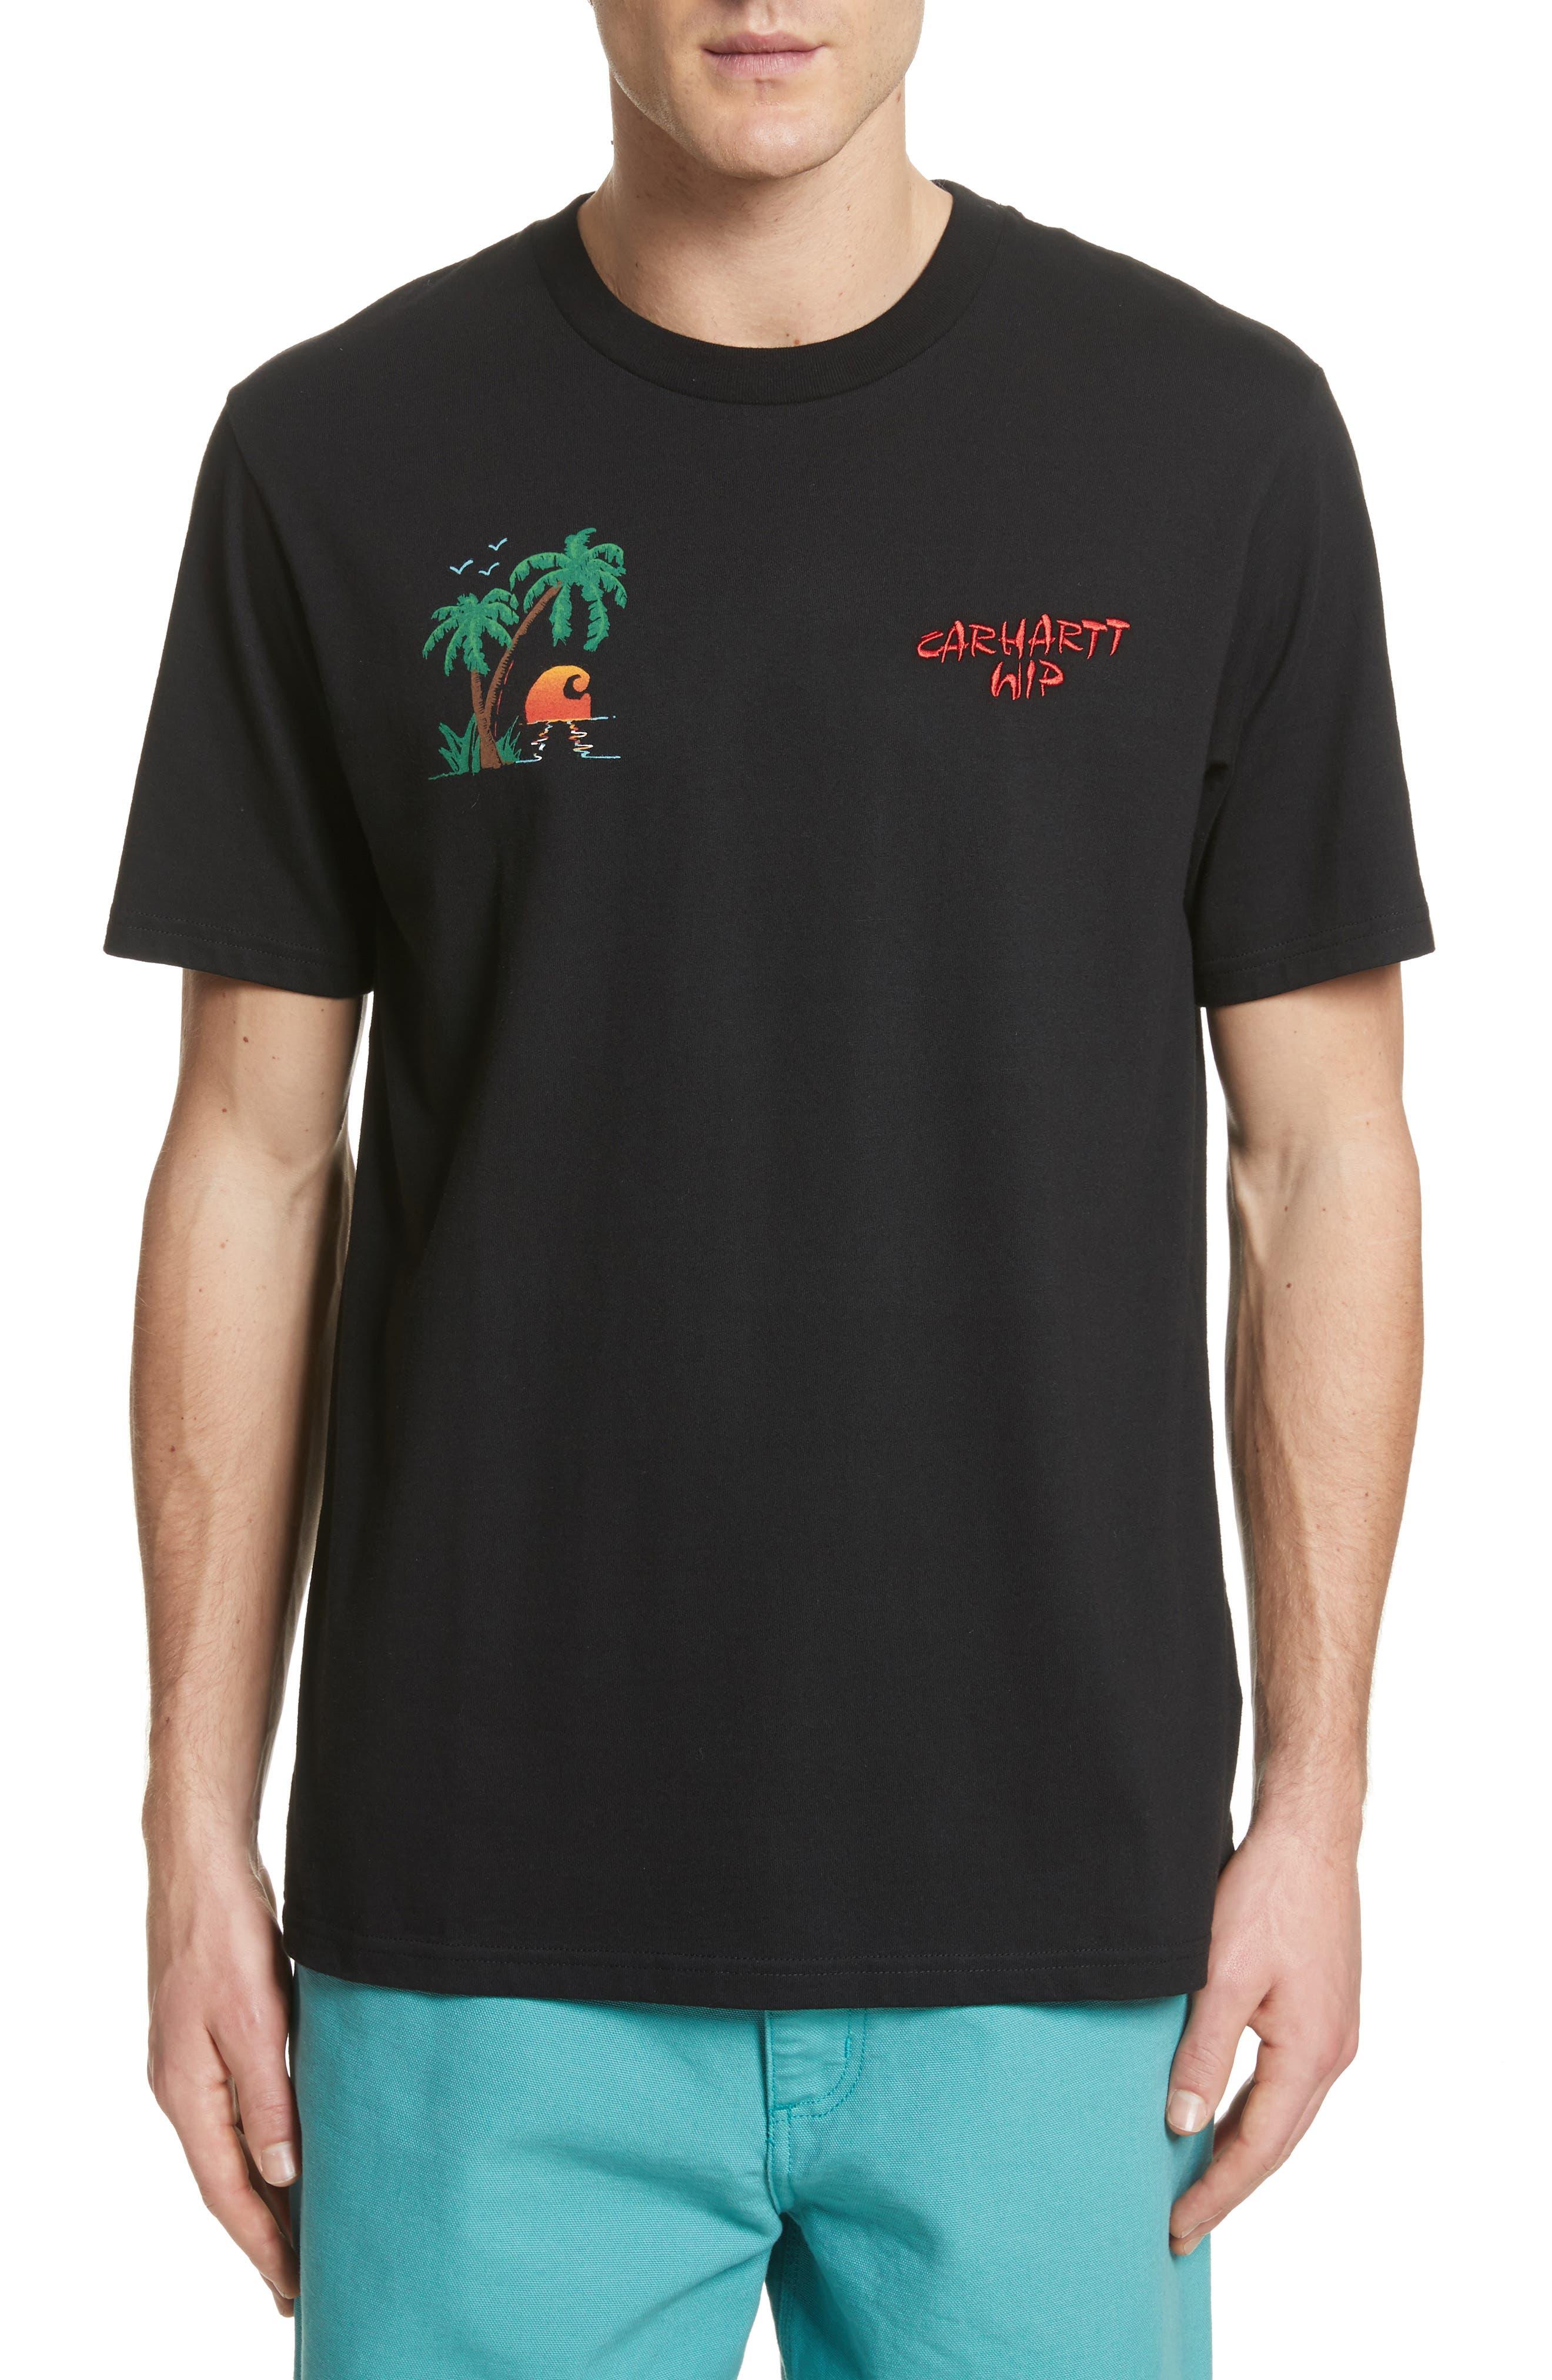 Carhartt Work in Progress Souvenir Graphic T-Shirt